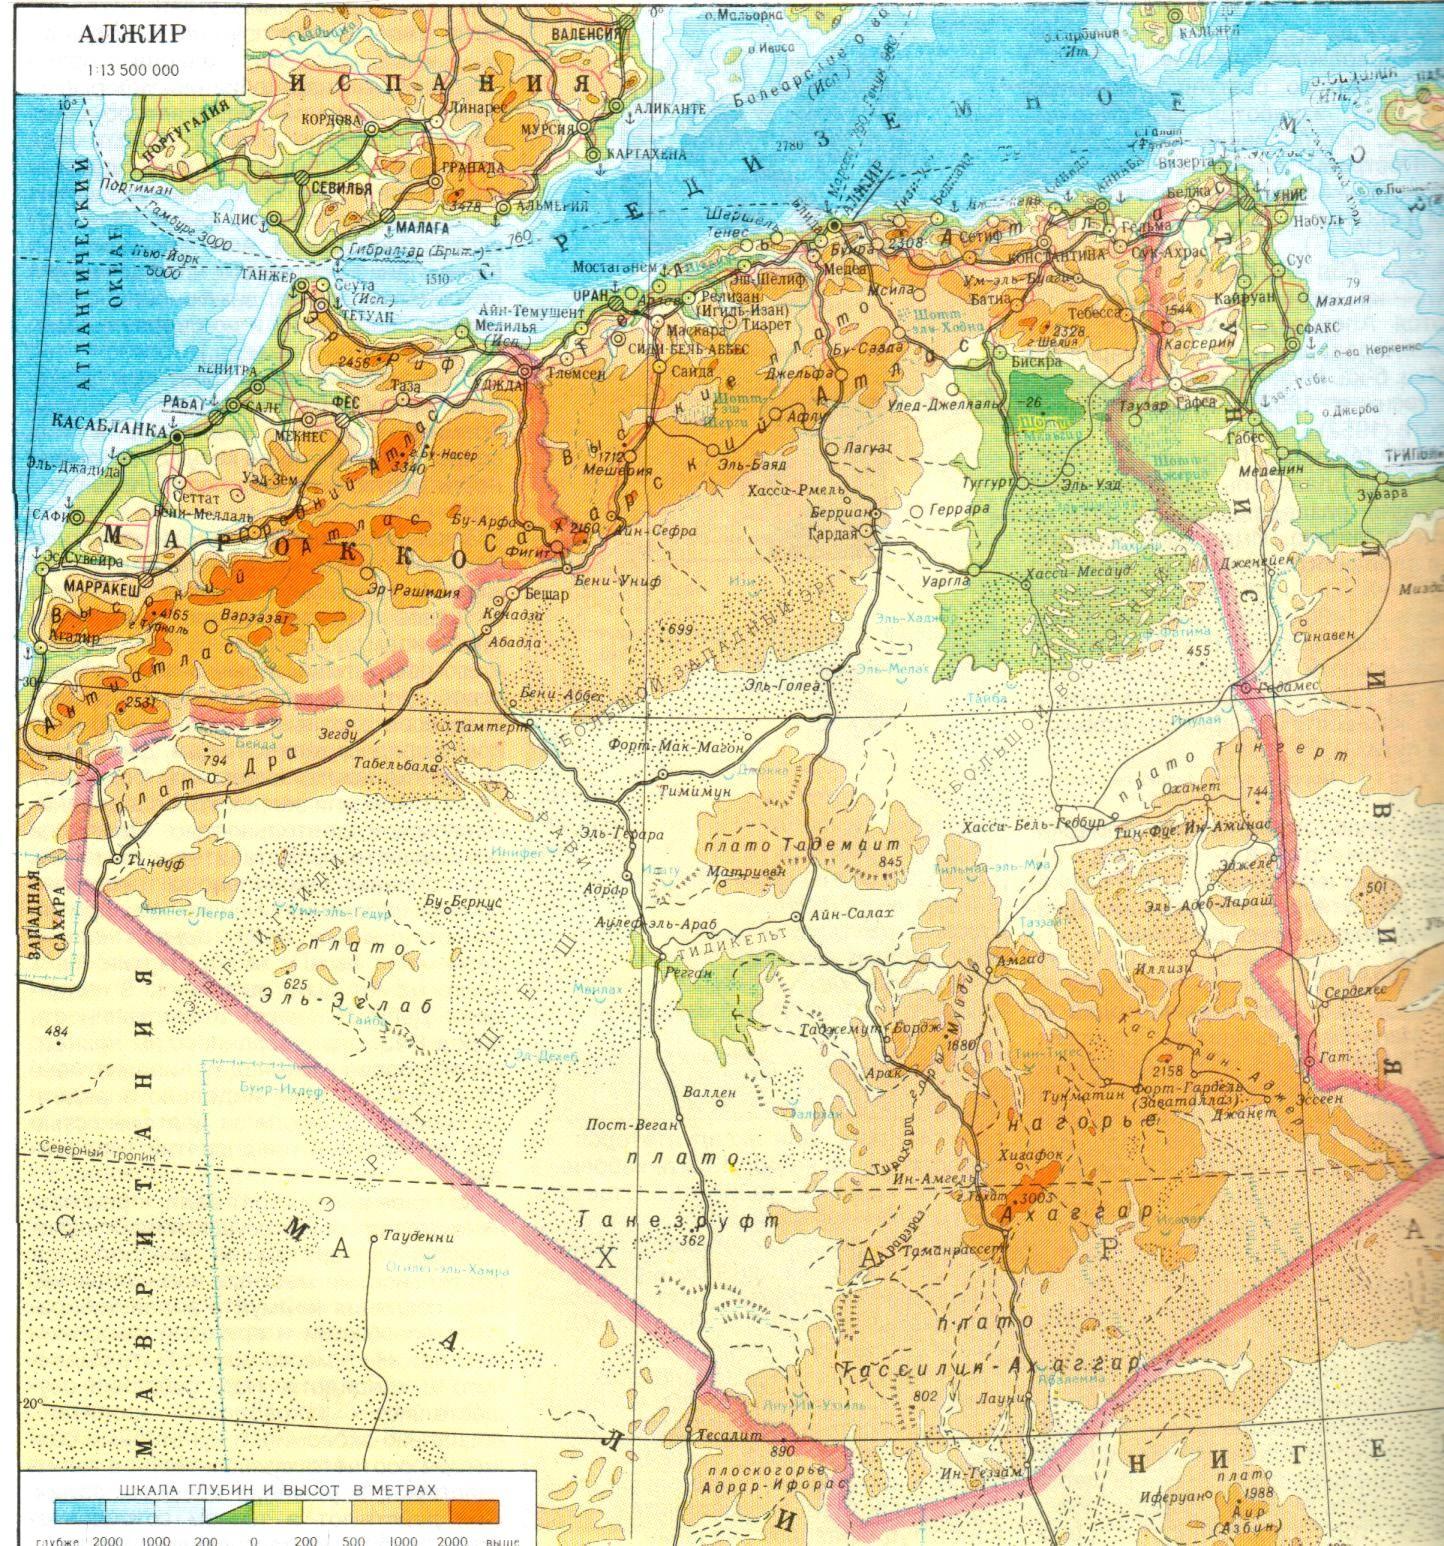 阿尔及利亚详细地图